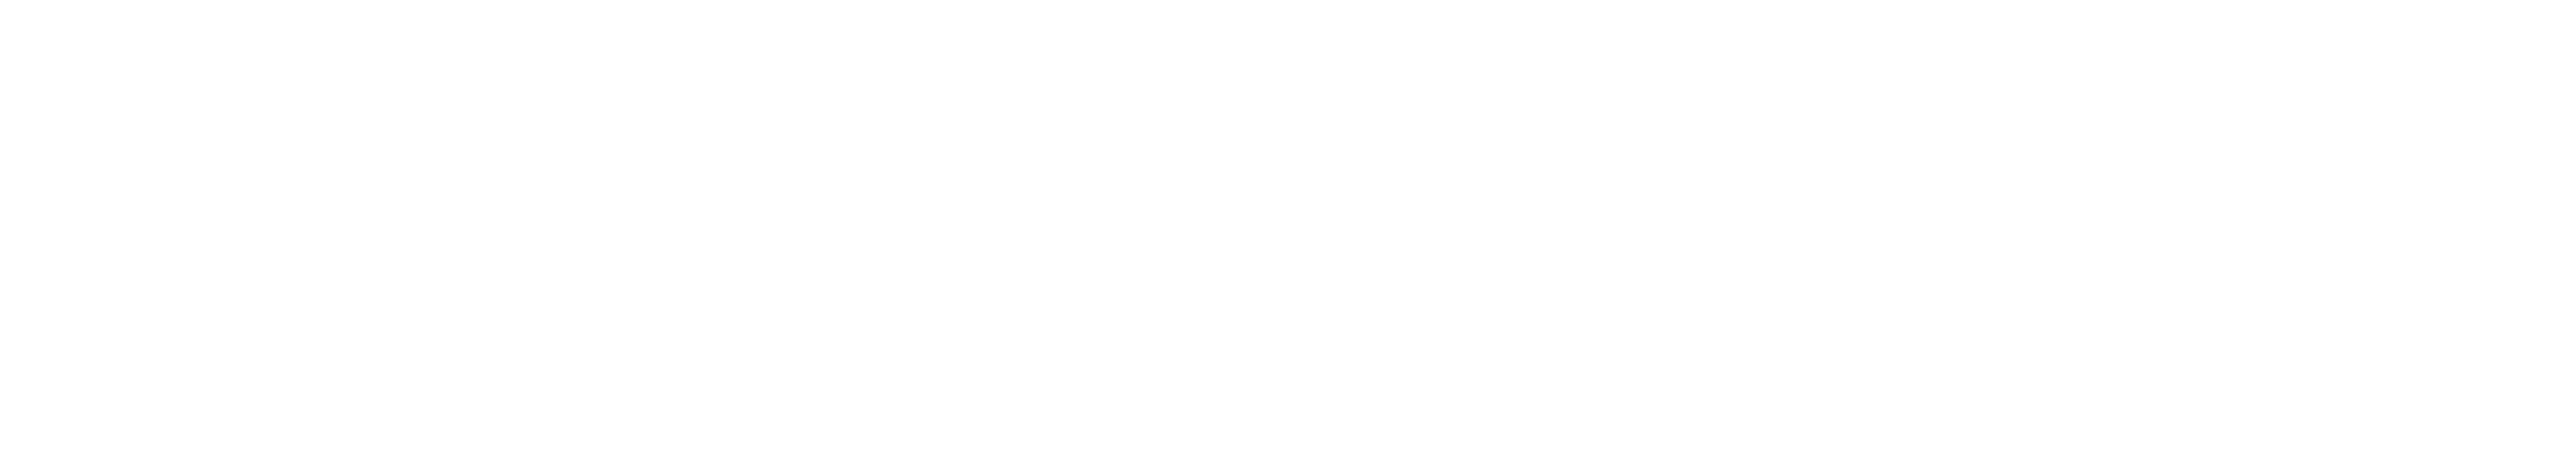 Psychotherapeutische Privatpraxis München | Dipl.-Psych. A. Nerb & Kollegen